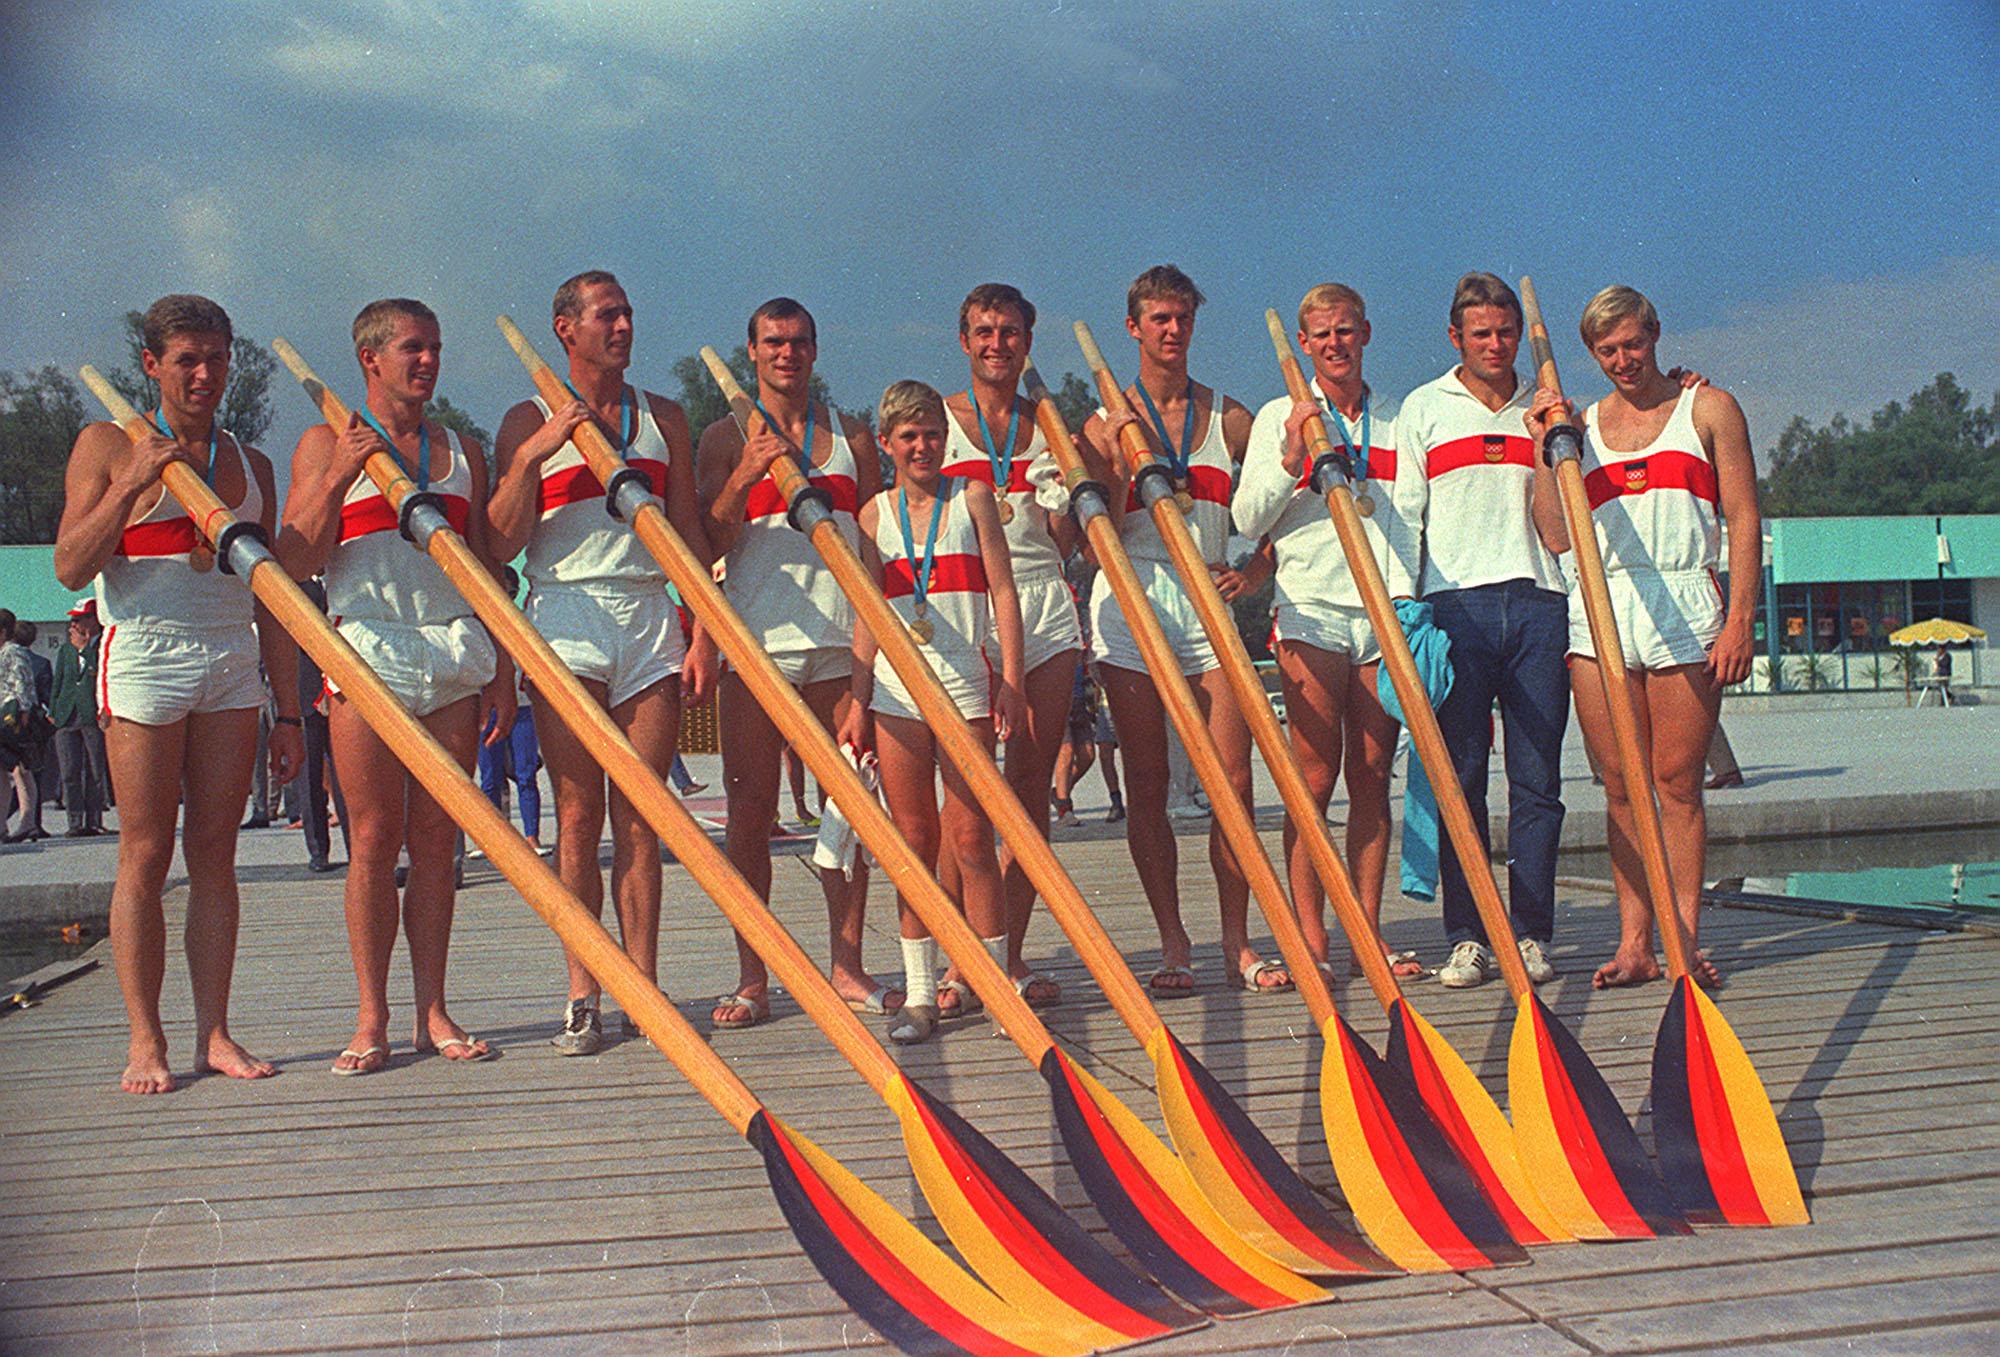 Los ocho miembros del equipo de Alemania Occidental en la competencia final de remo, junto a su entrenador...